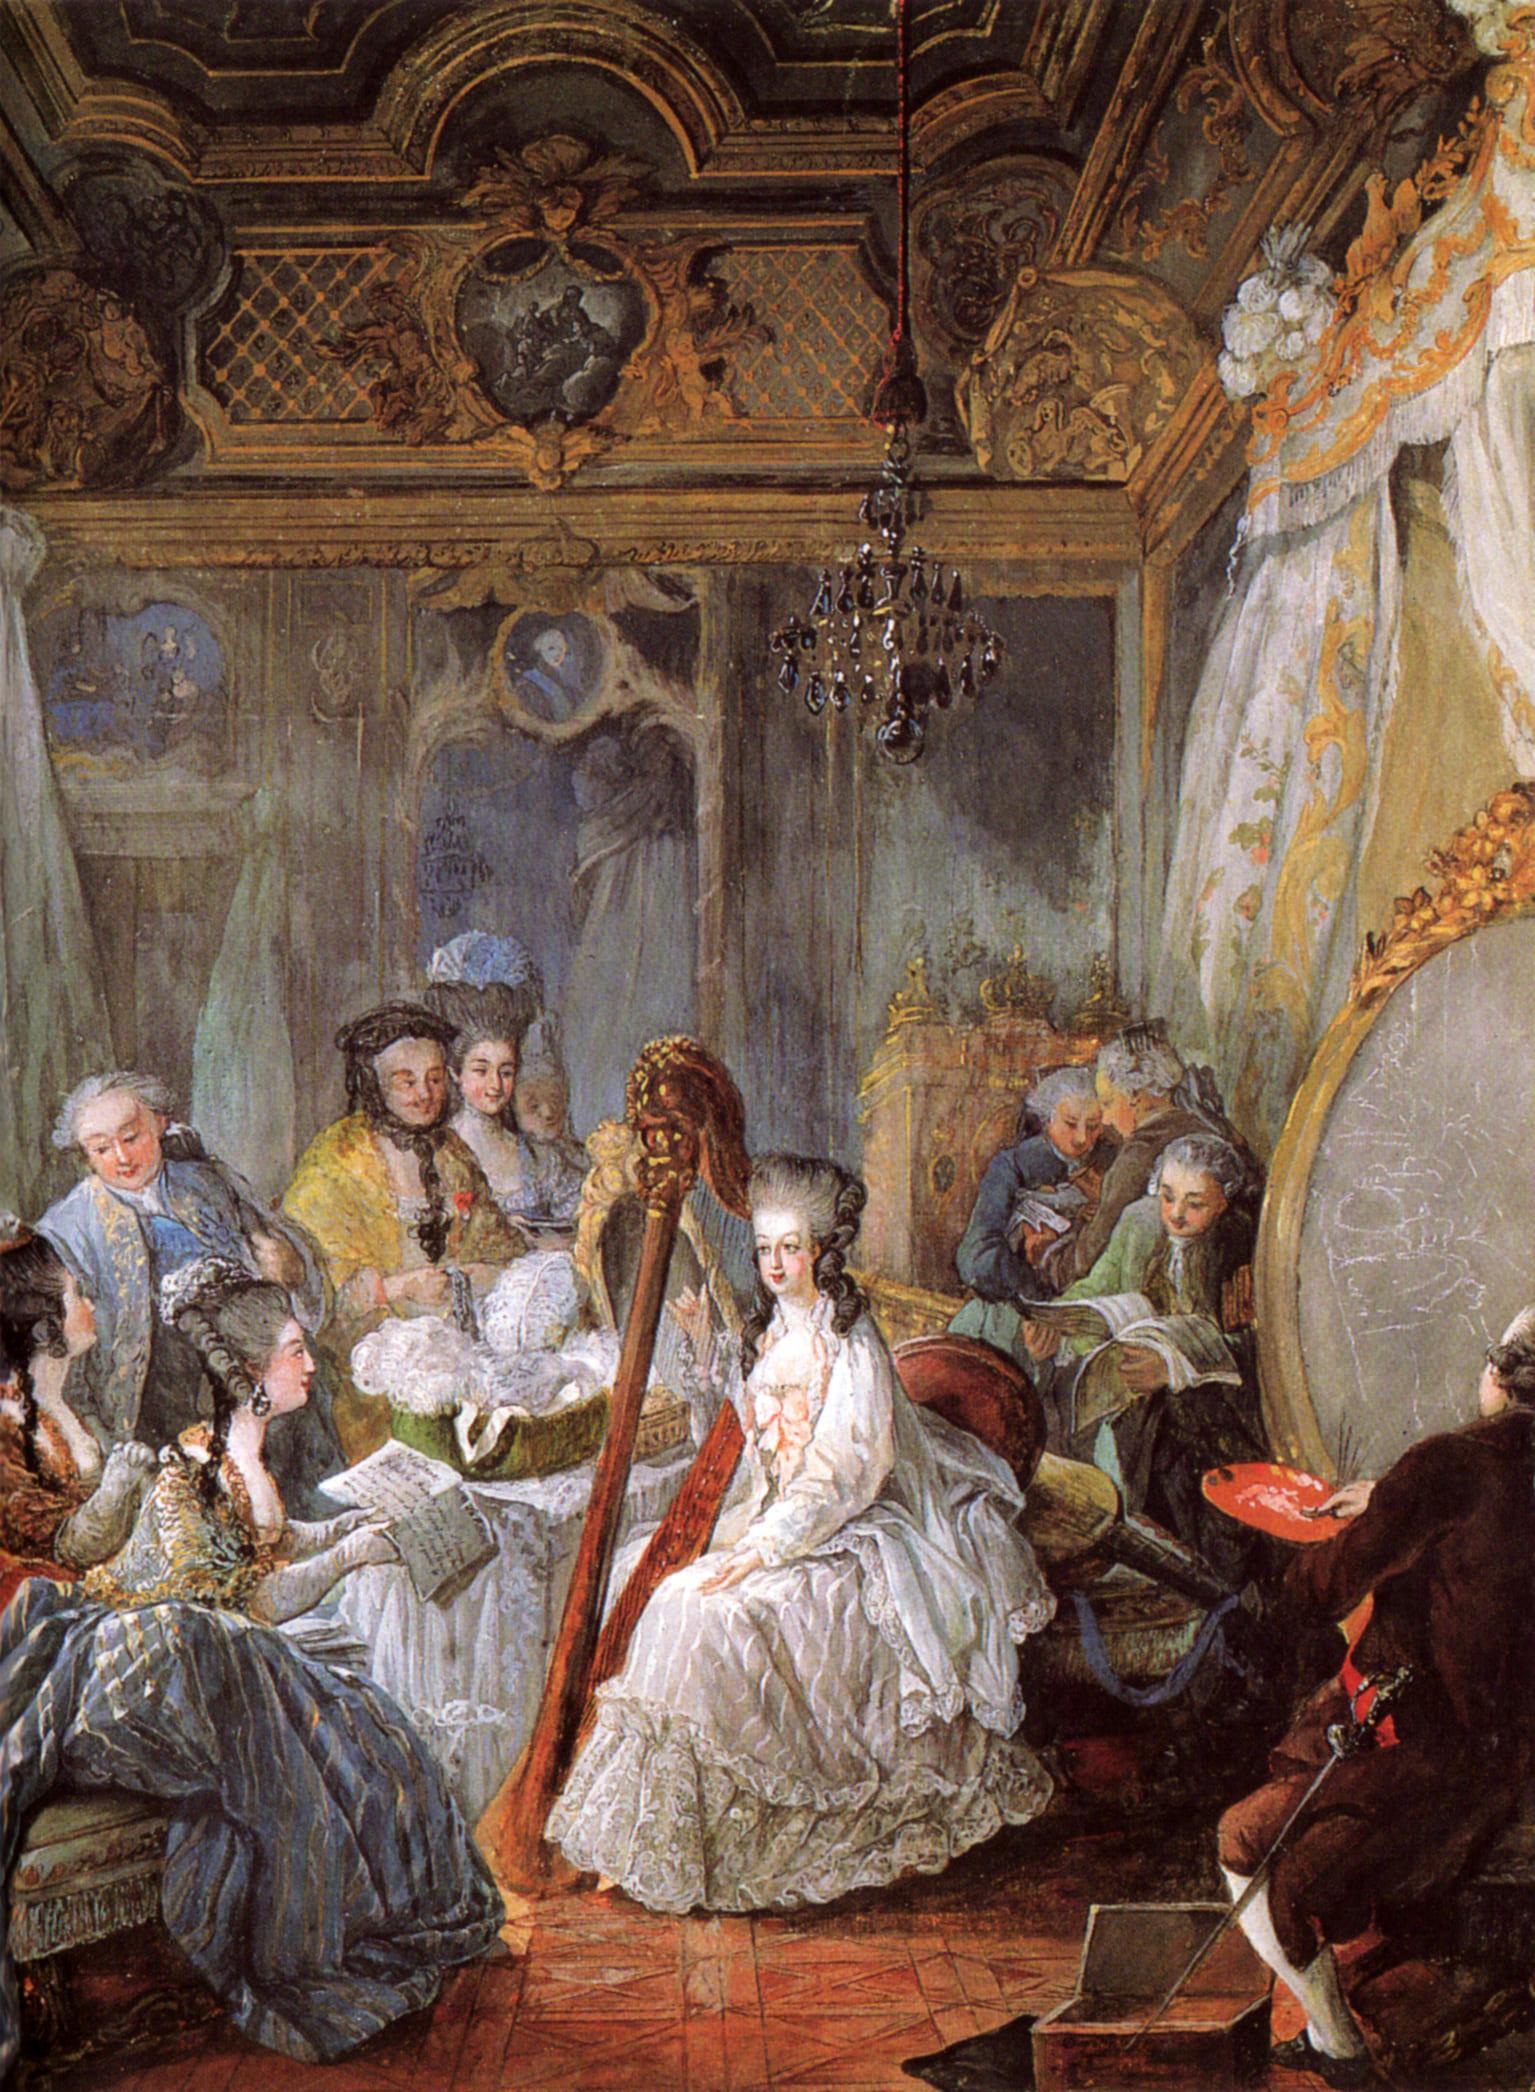 Чем пленяла Мария Антуанетта самых статусных мужчин своего времени